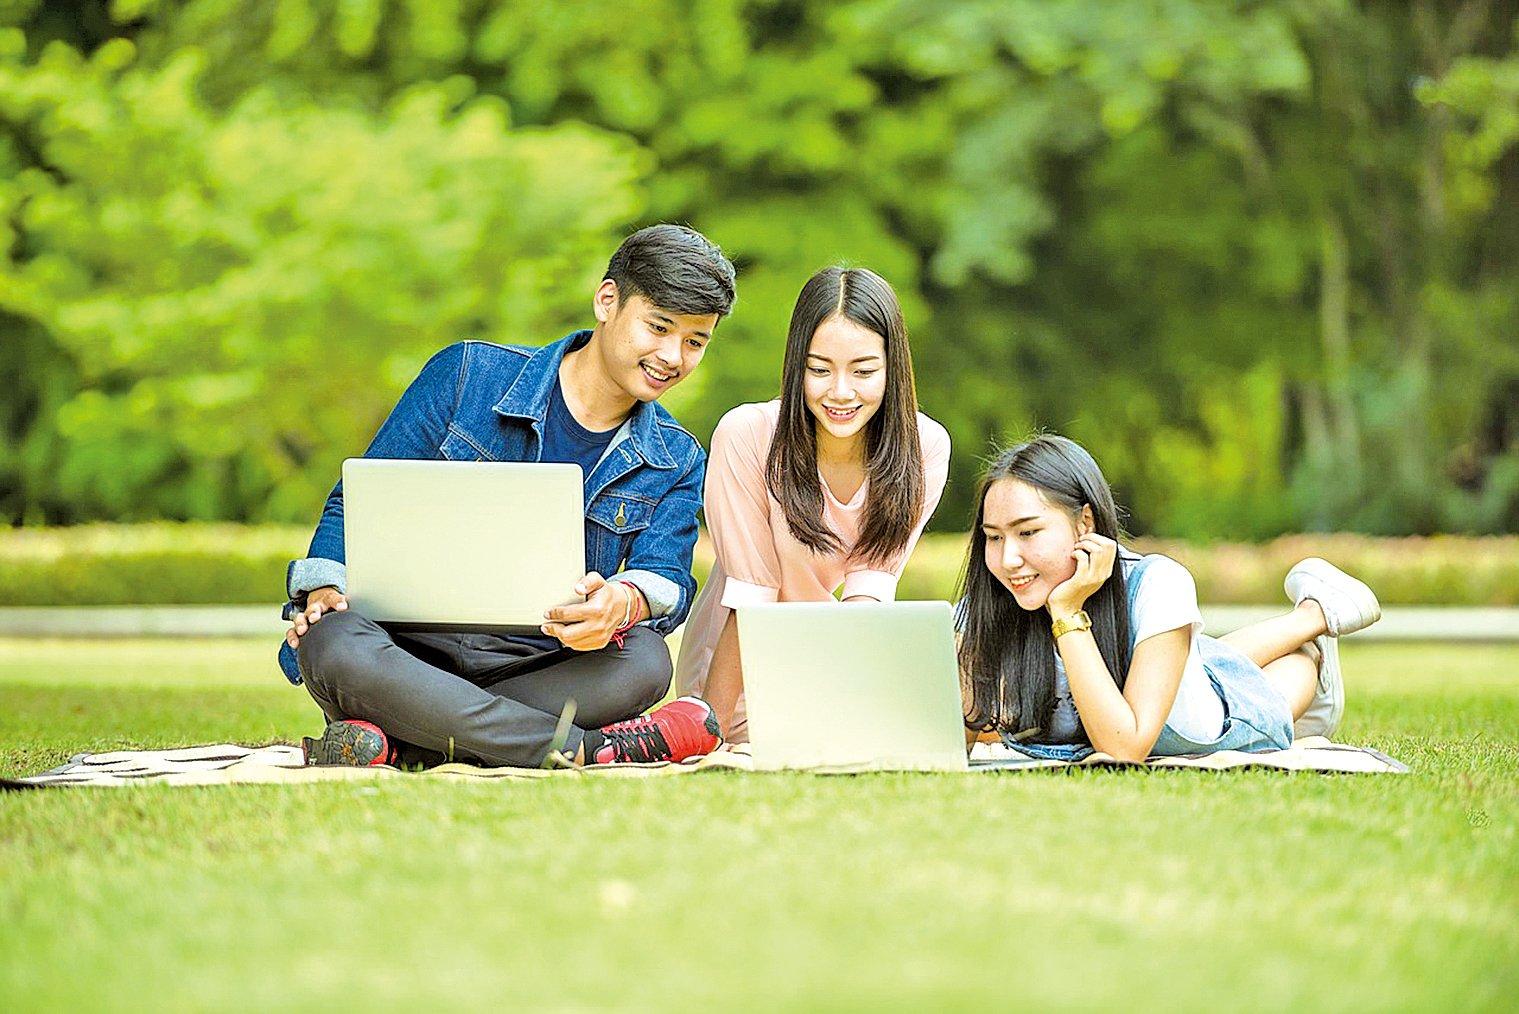 海外留學不僅可以開闊孩子們的心智,如果做得好還能使孩子更全面地發展,更富有同情心。(Pixabay.com)